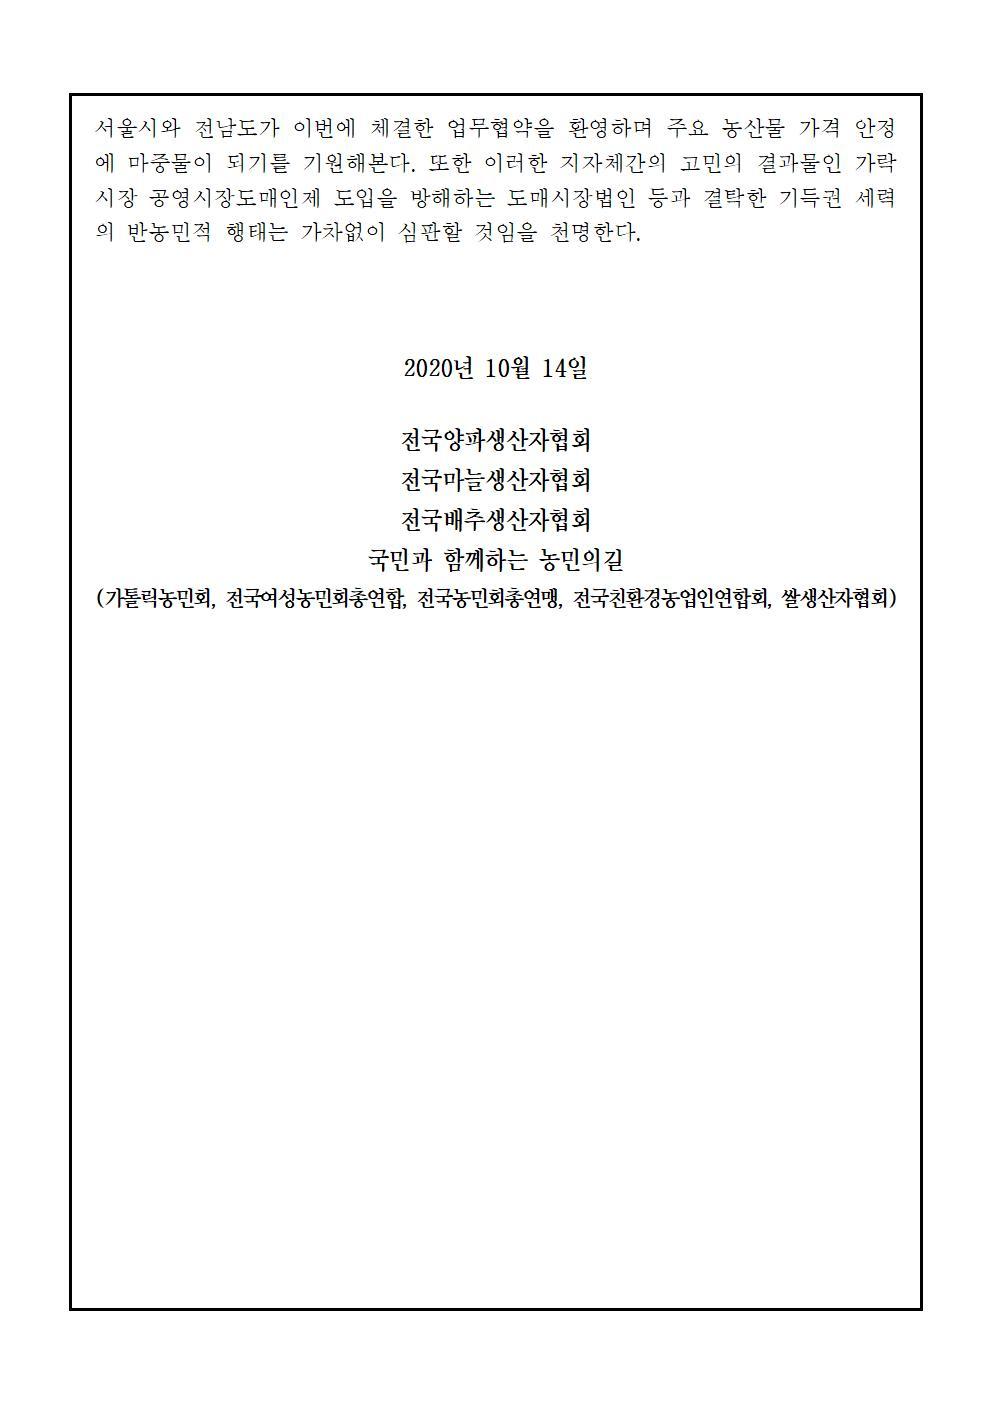 201014 서울시-전라남도의 가락시장 공영 시장도매인 도입 추진을 대환영한다003.jpg